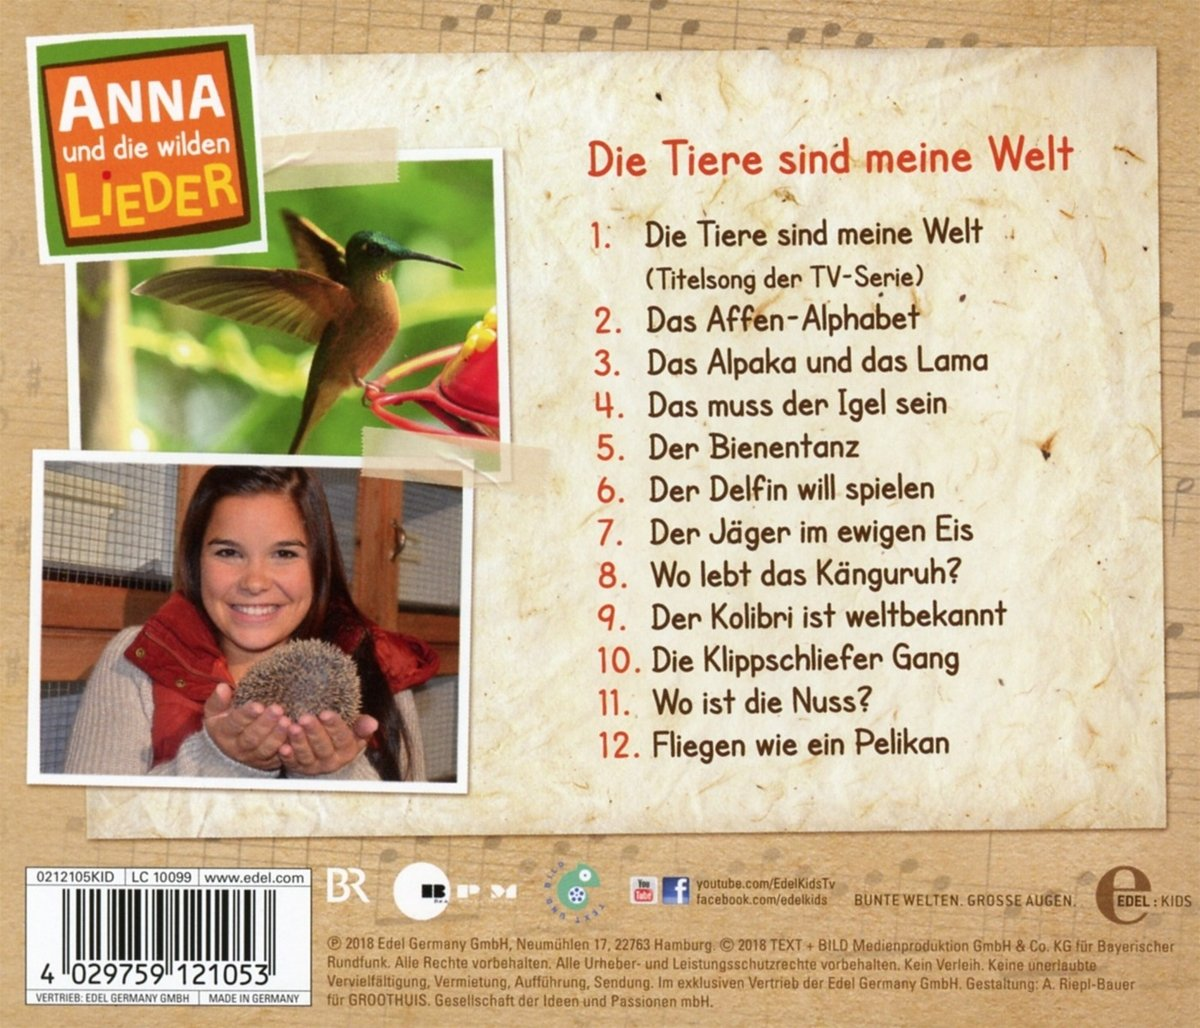 Anna Und Die Wilden Tiere Liederalbum Amazon Com Music